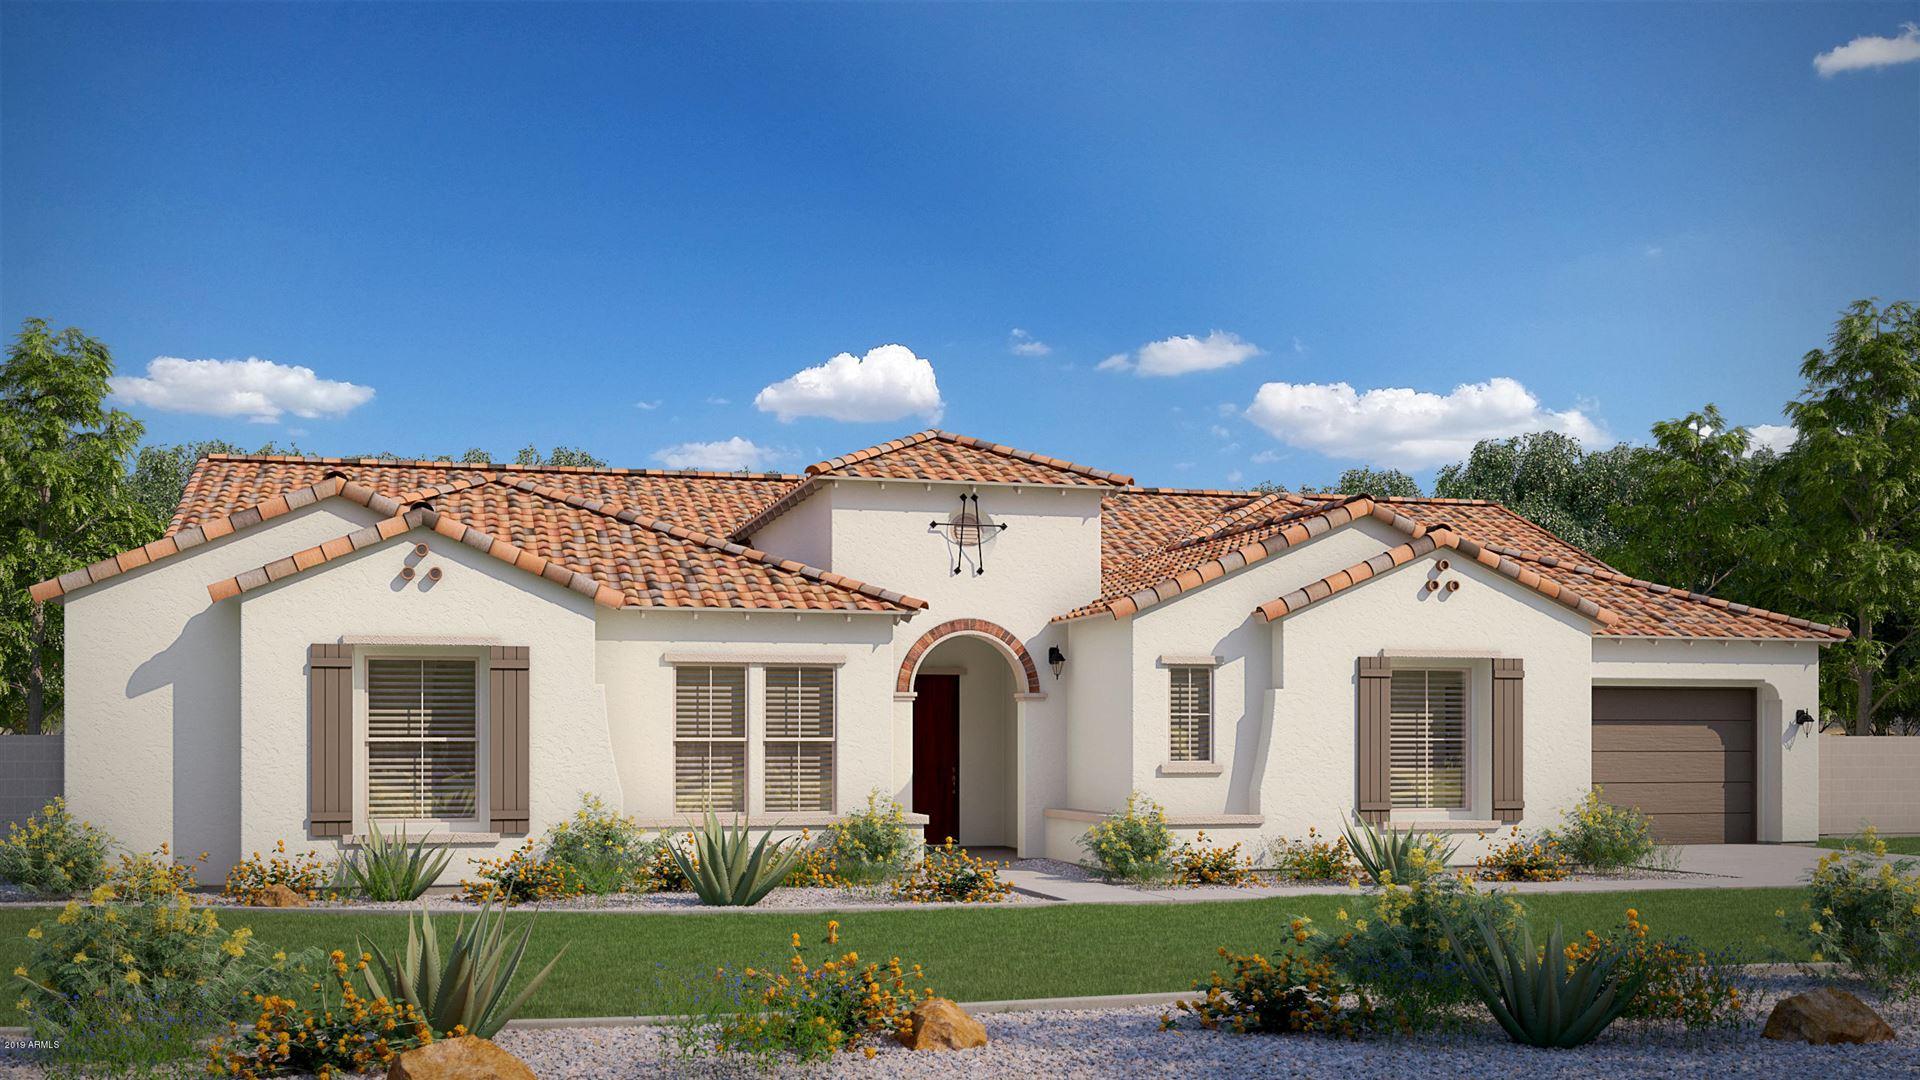 12931 W MARLETTE Avenue, Litchfield Park, AZ 85340 - MLS#: 5905675